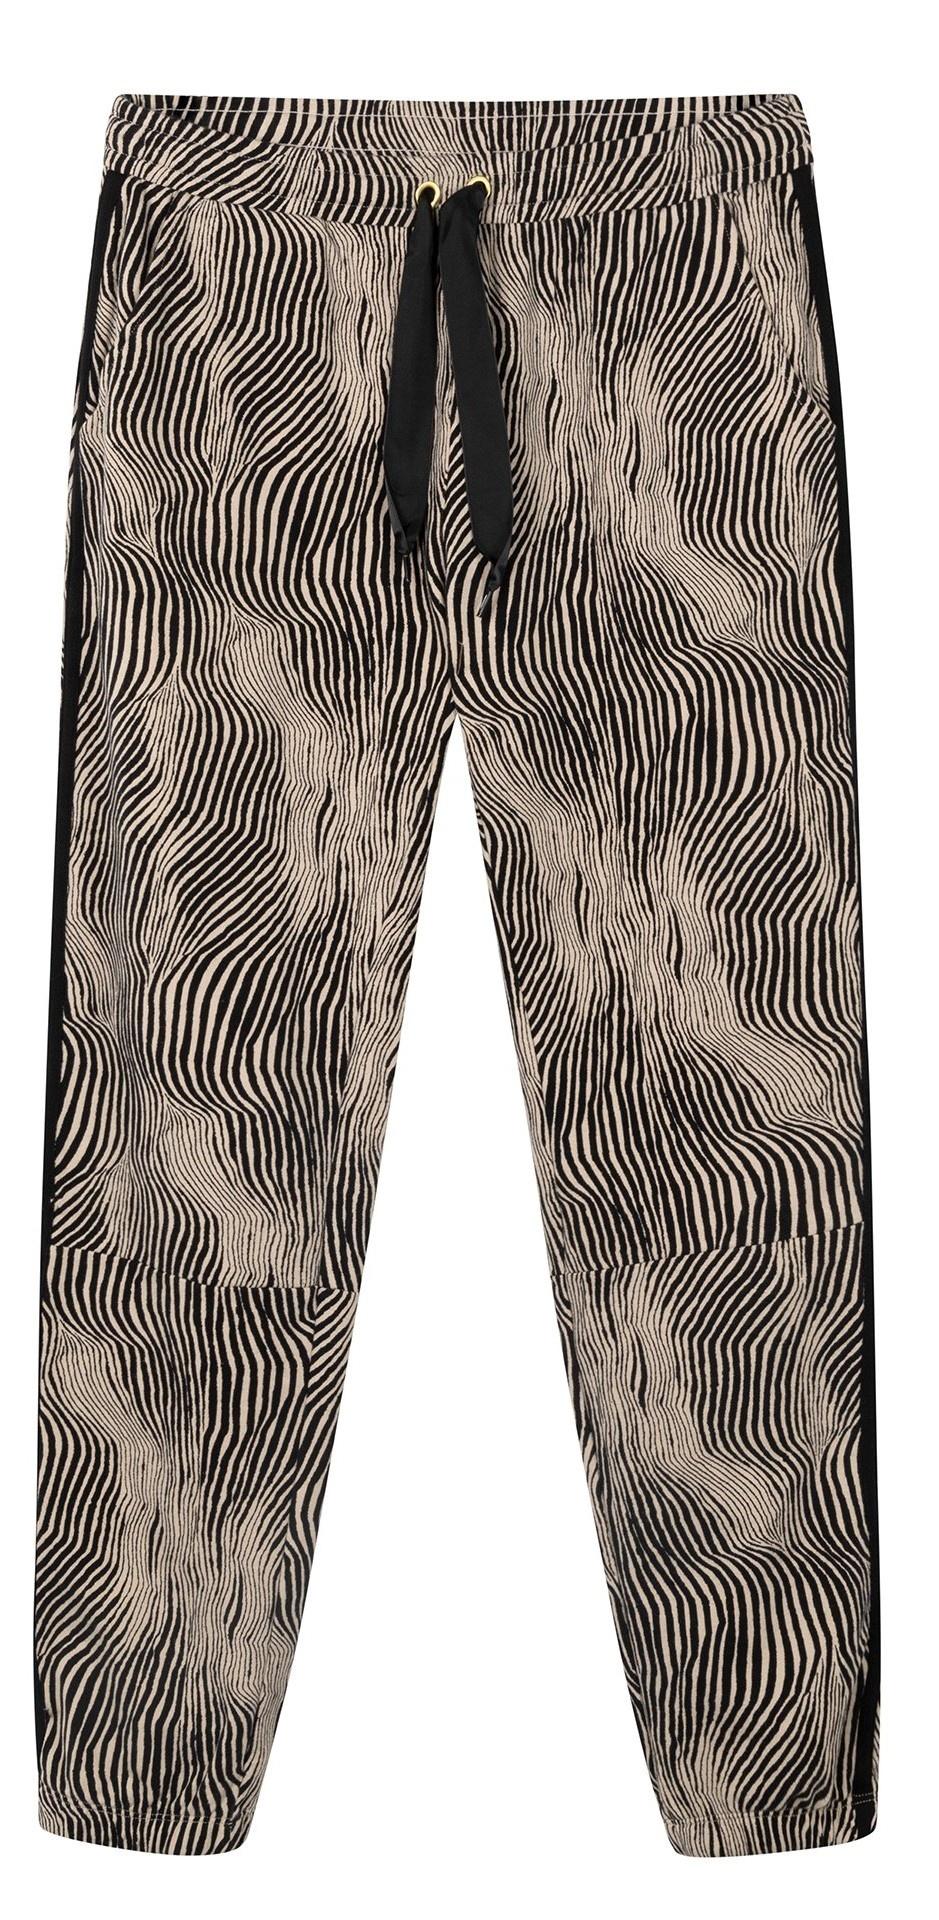 Broek cropped jogger zebra safari-1